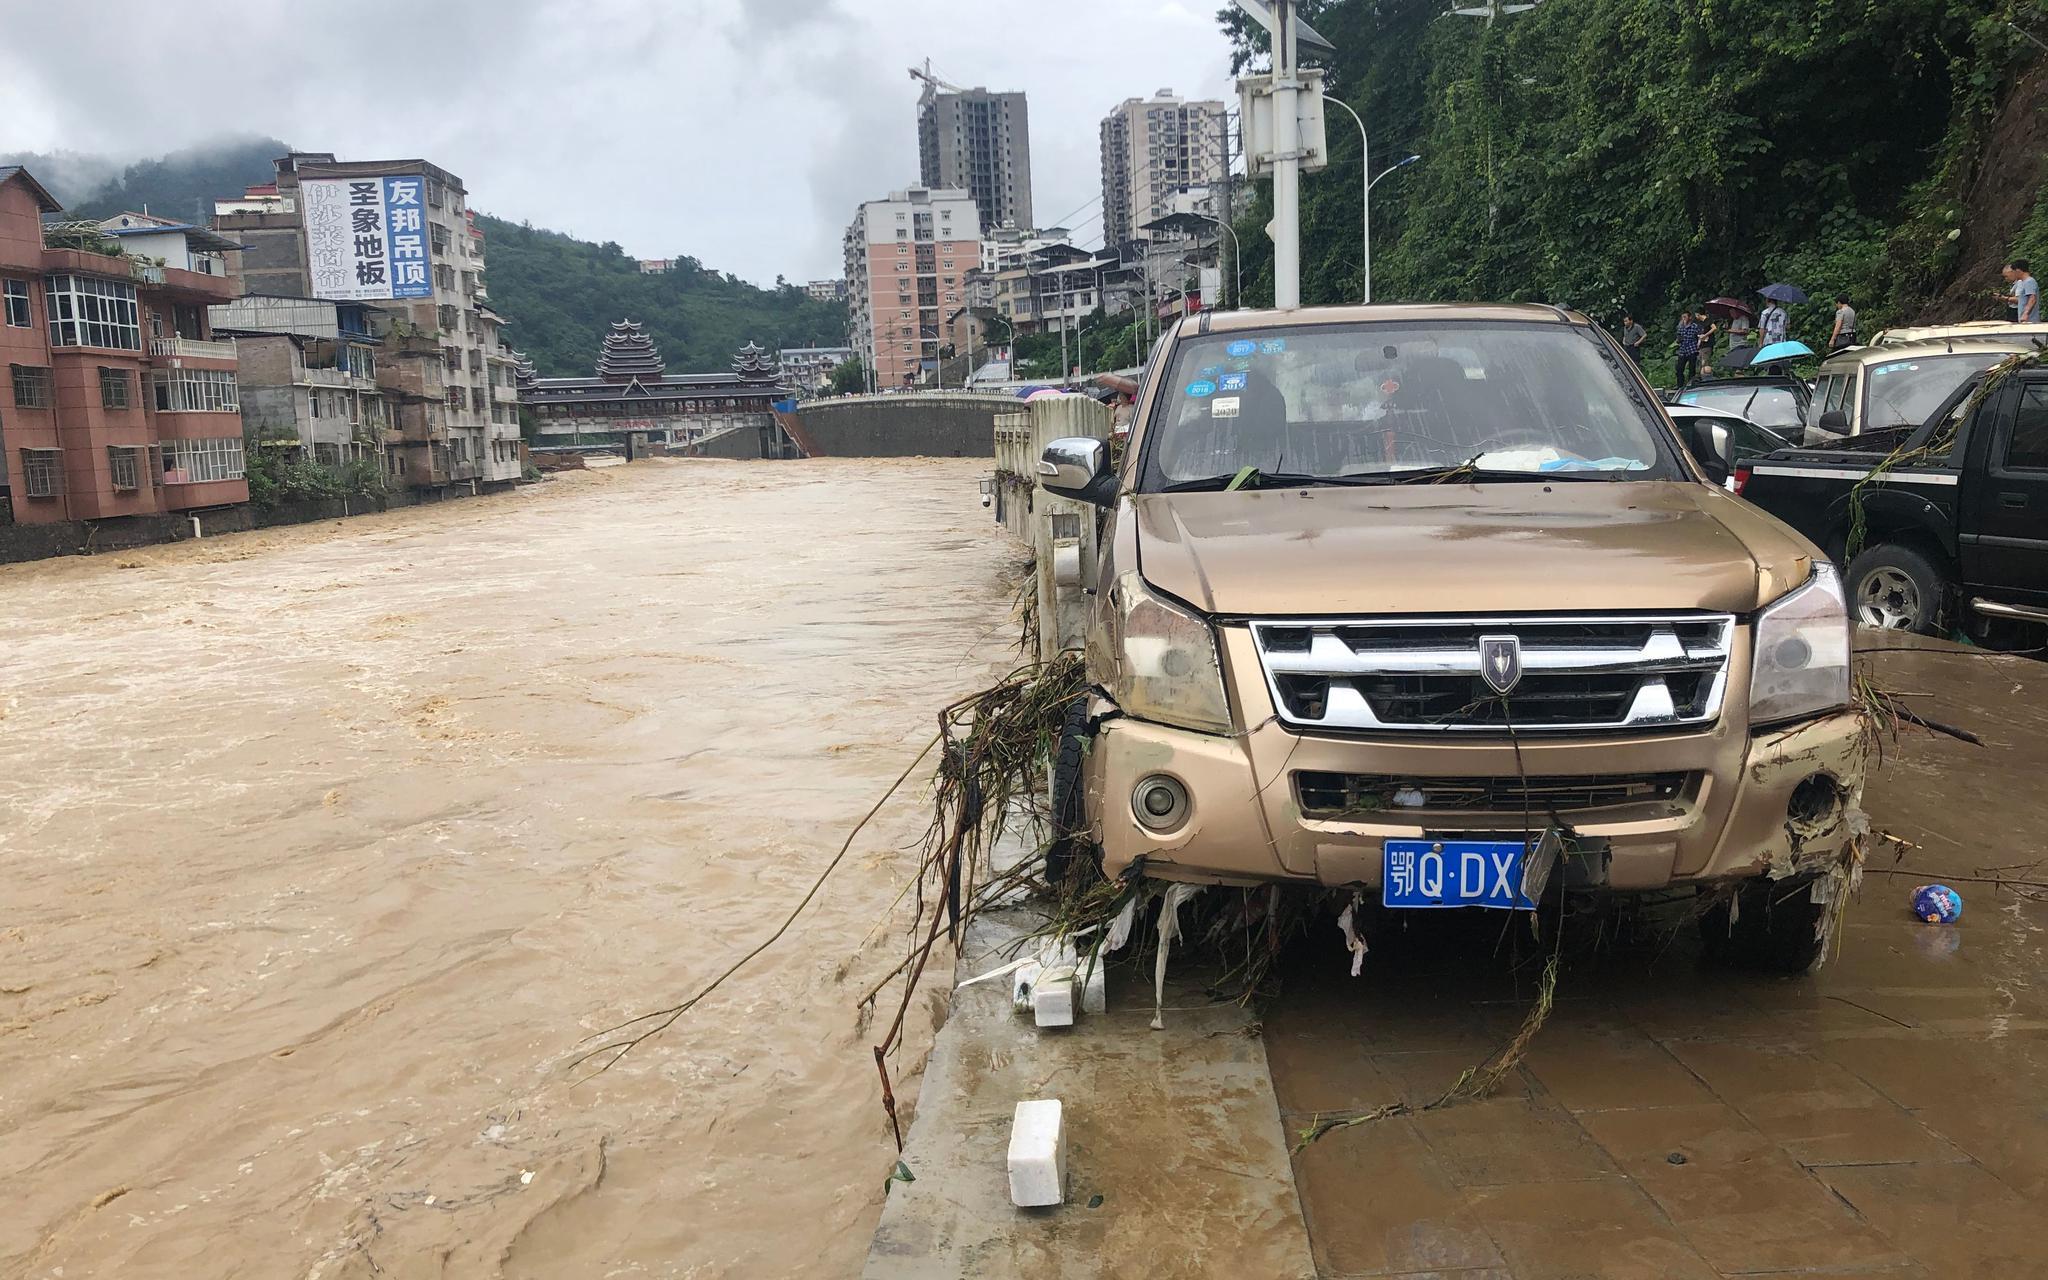 7月26日,建始县广润河产生大水,几十台车辆被淹,岸边雕栏损毁,不少车辆被突入河中。新京报记者 向凯 摄